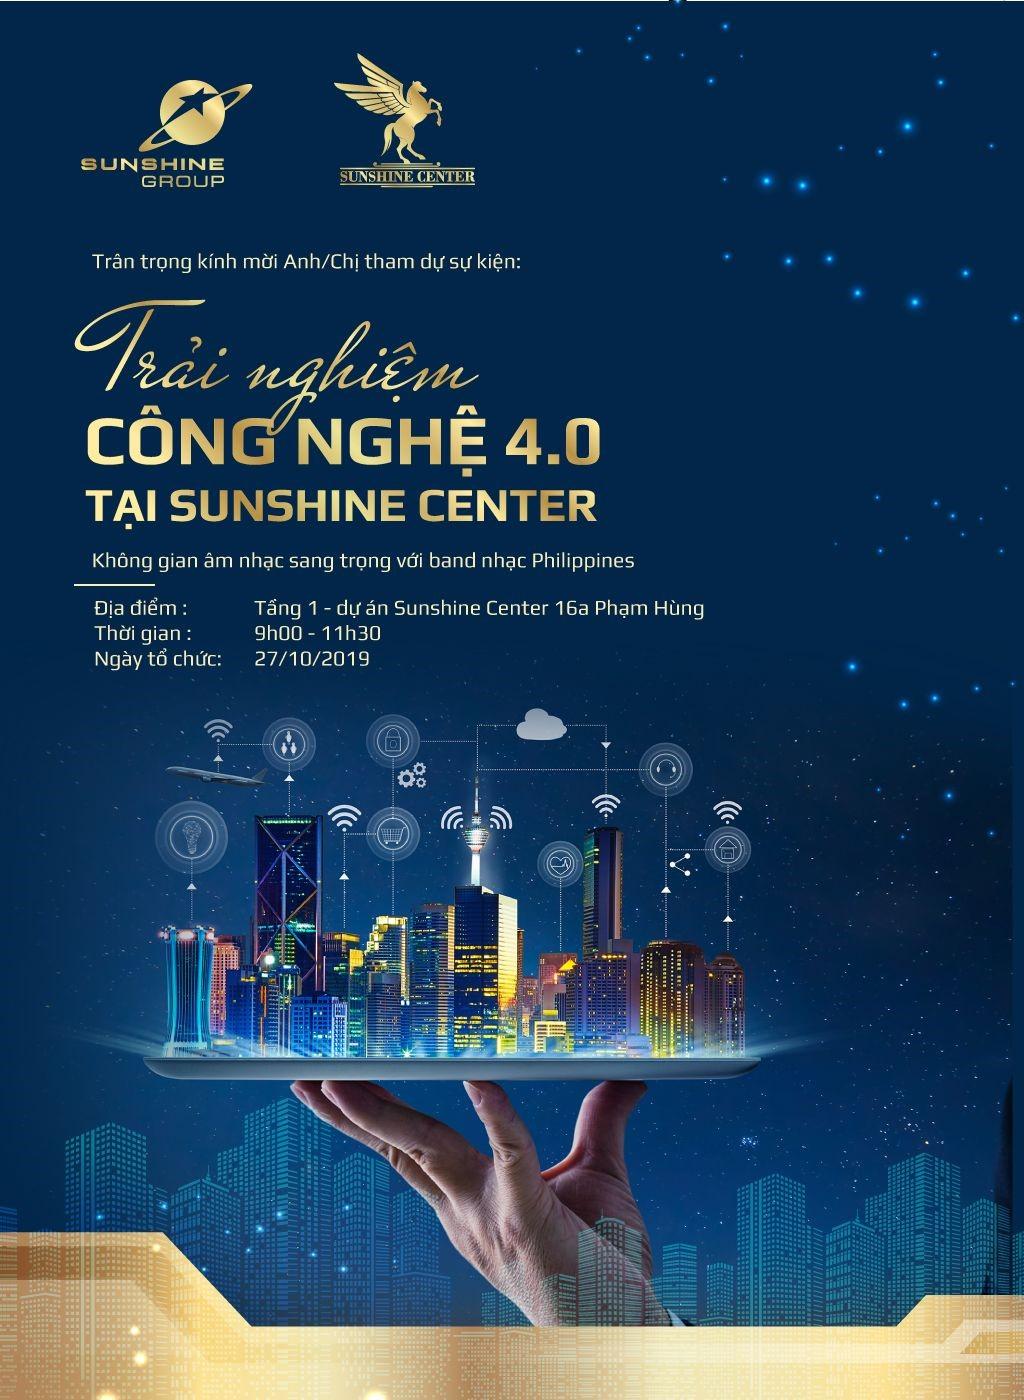 """Khám phá cuộc sống công nghệ """"một điểm chạm"""" như trong mơ tại Sunshine Center  - Ảnh 3"""